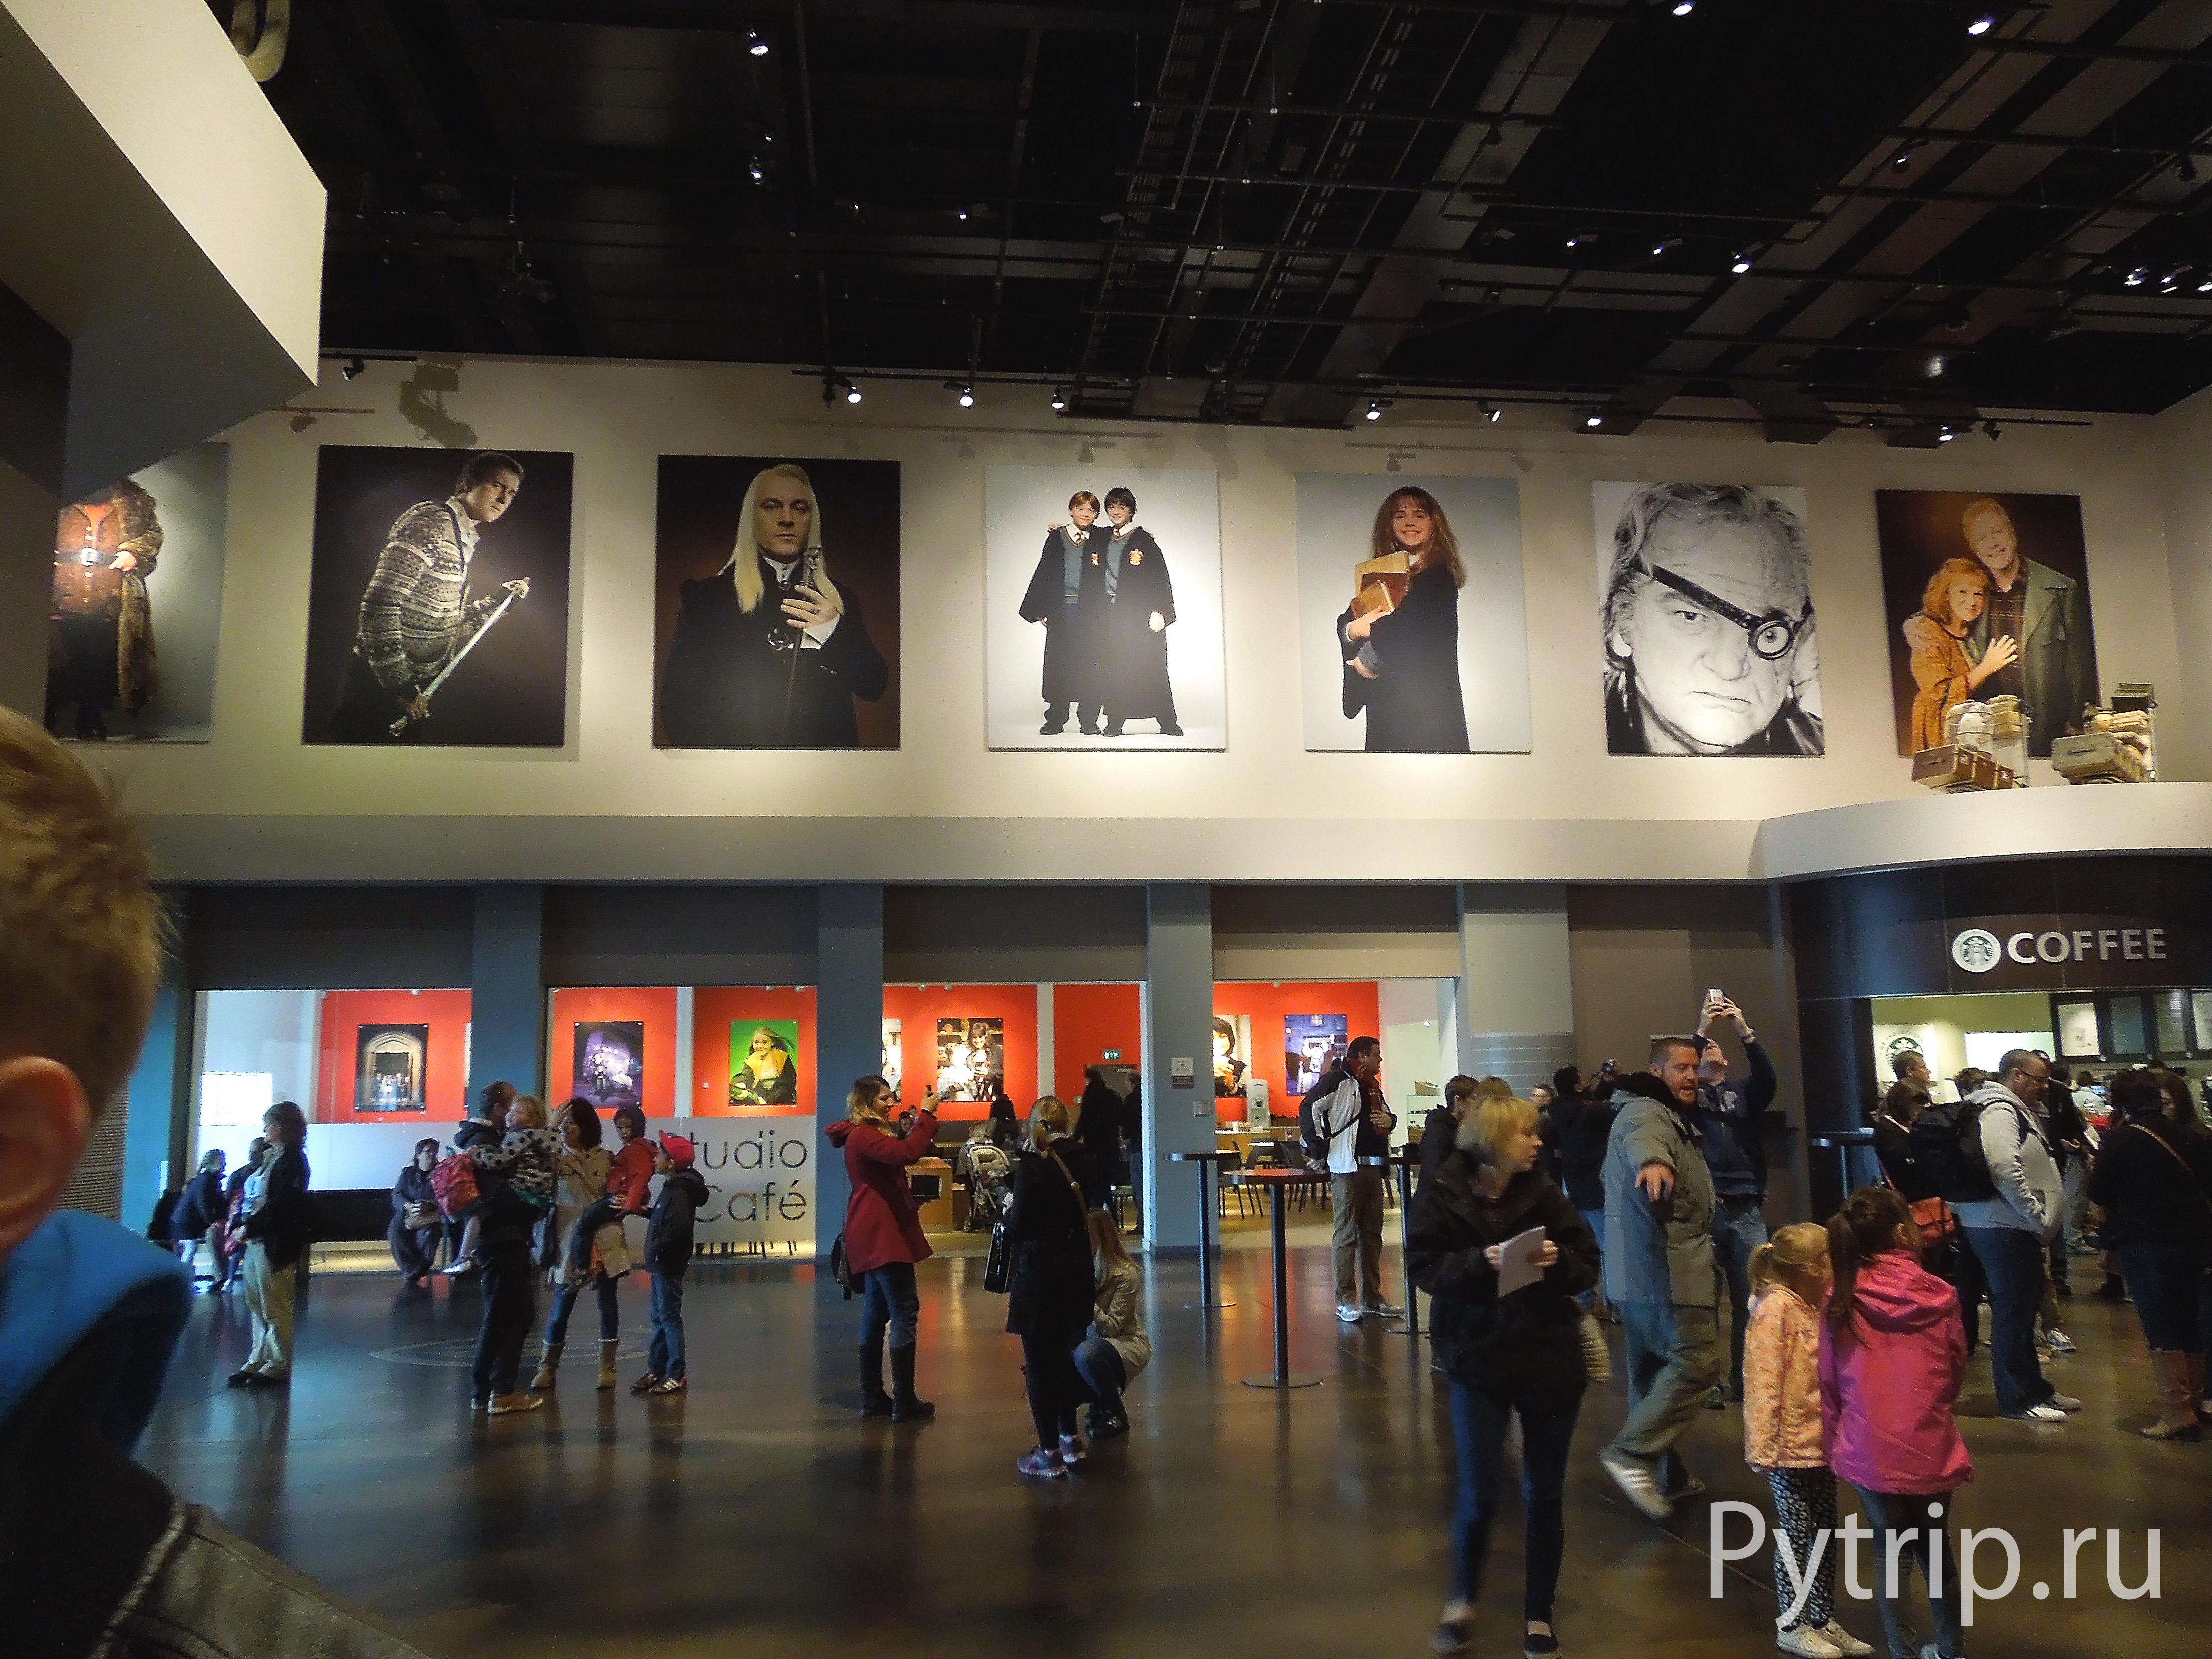 Вестибюль музея Гарри Поттера